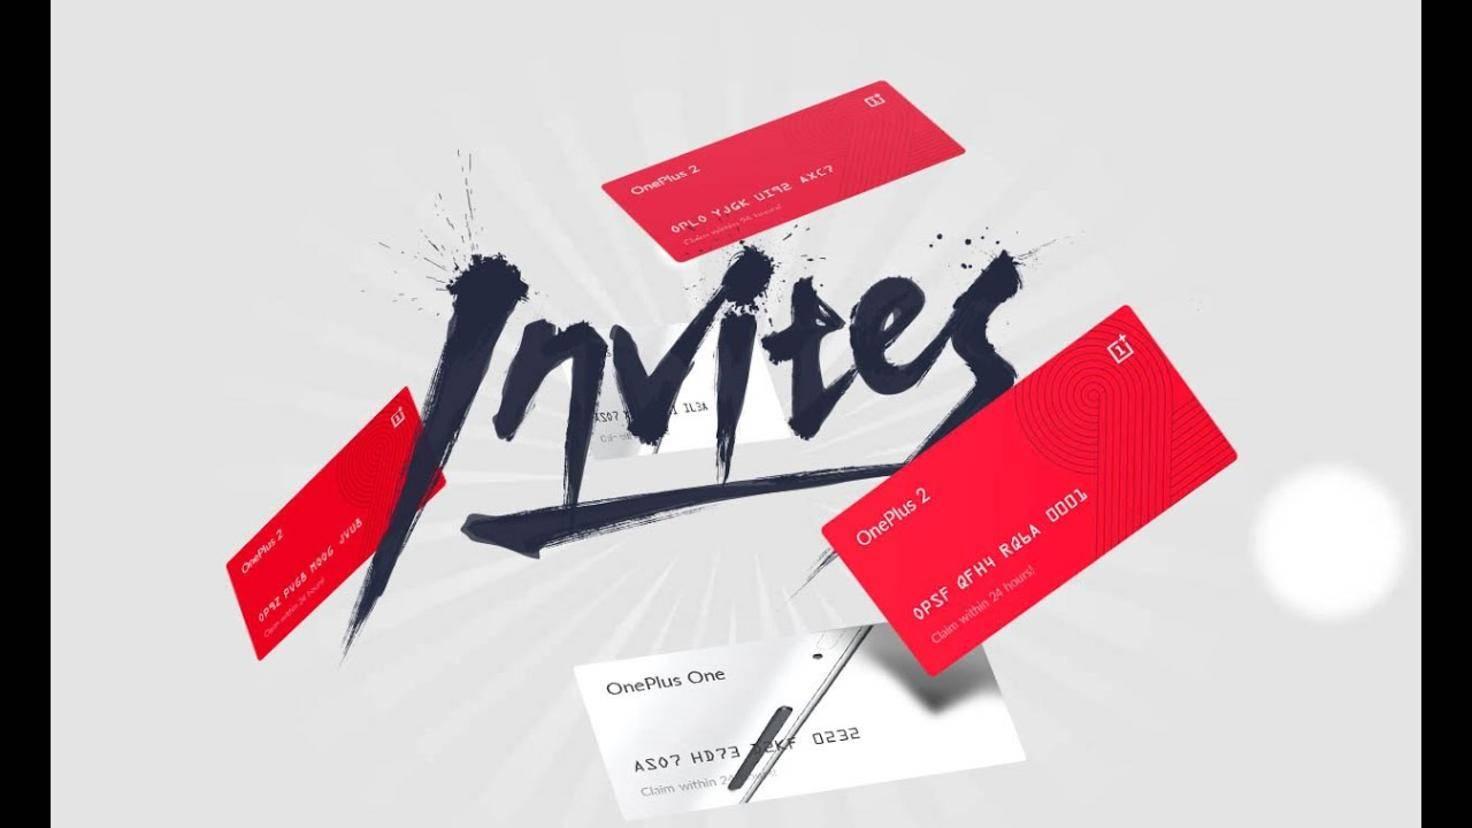 OnePlus-Invites